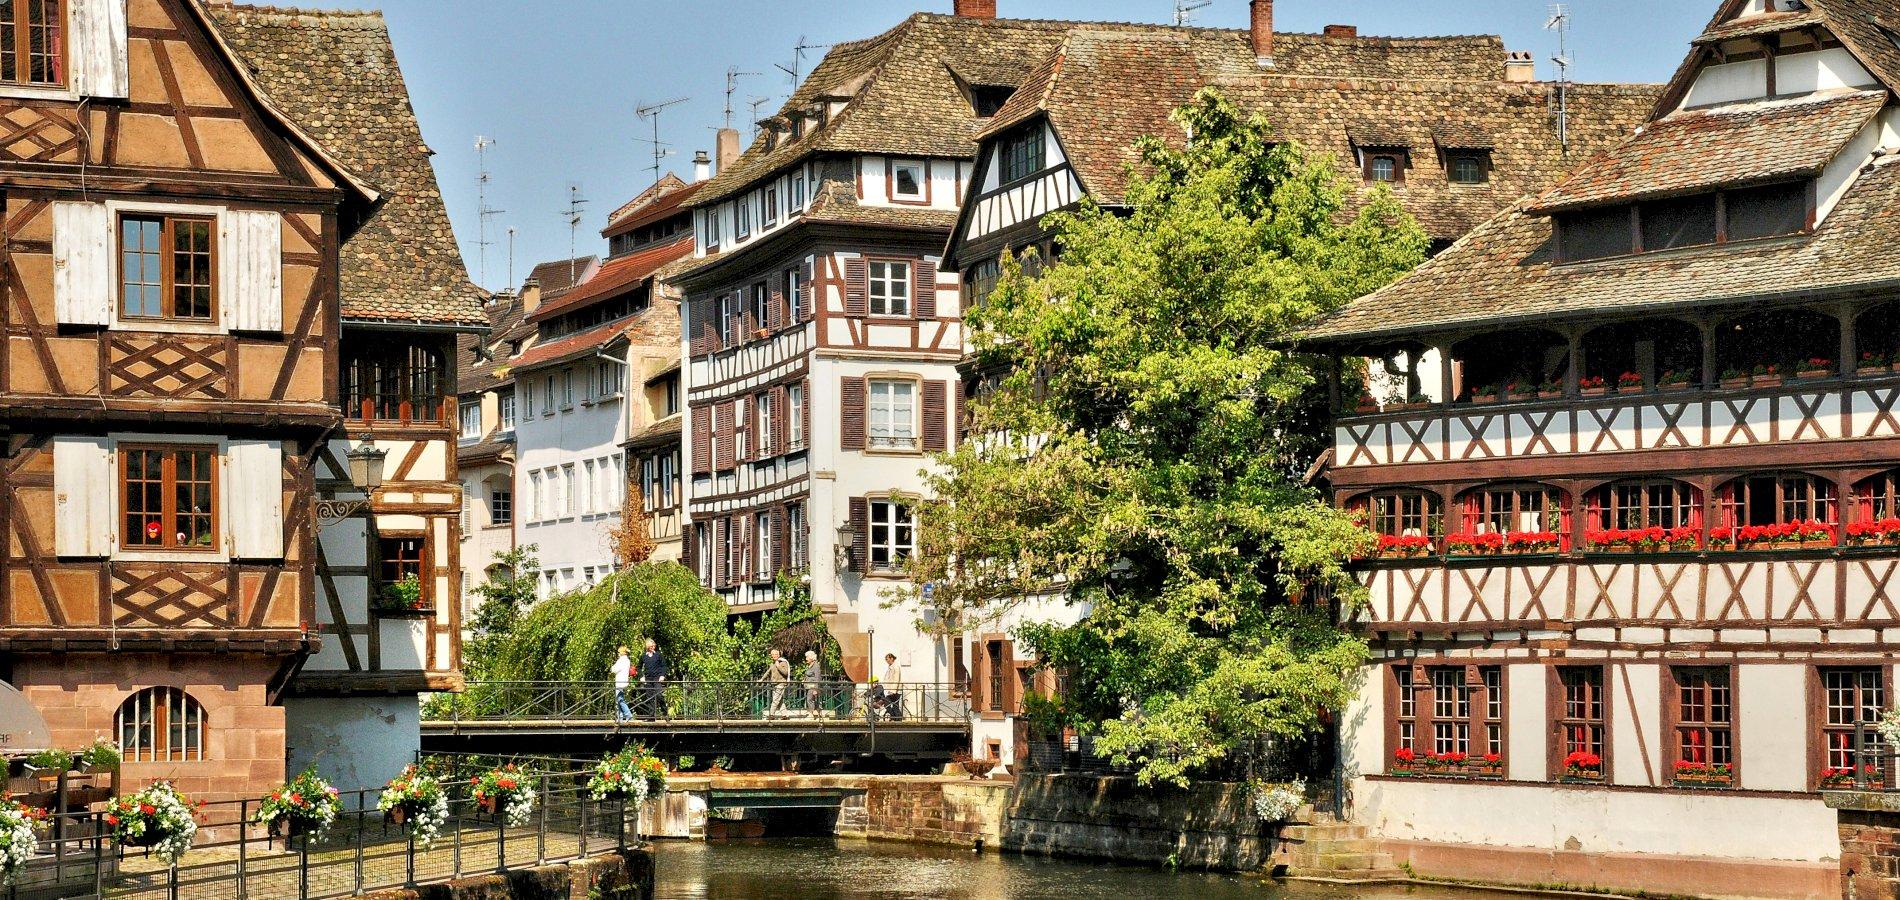 Ophorus Tours - Strasbourg Visit Half Day Trip From Riquewihr